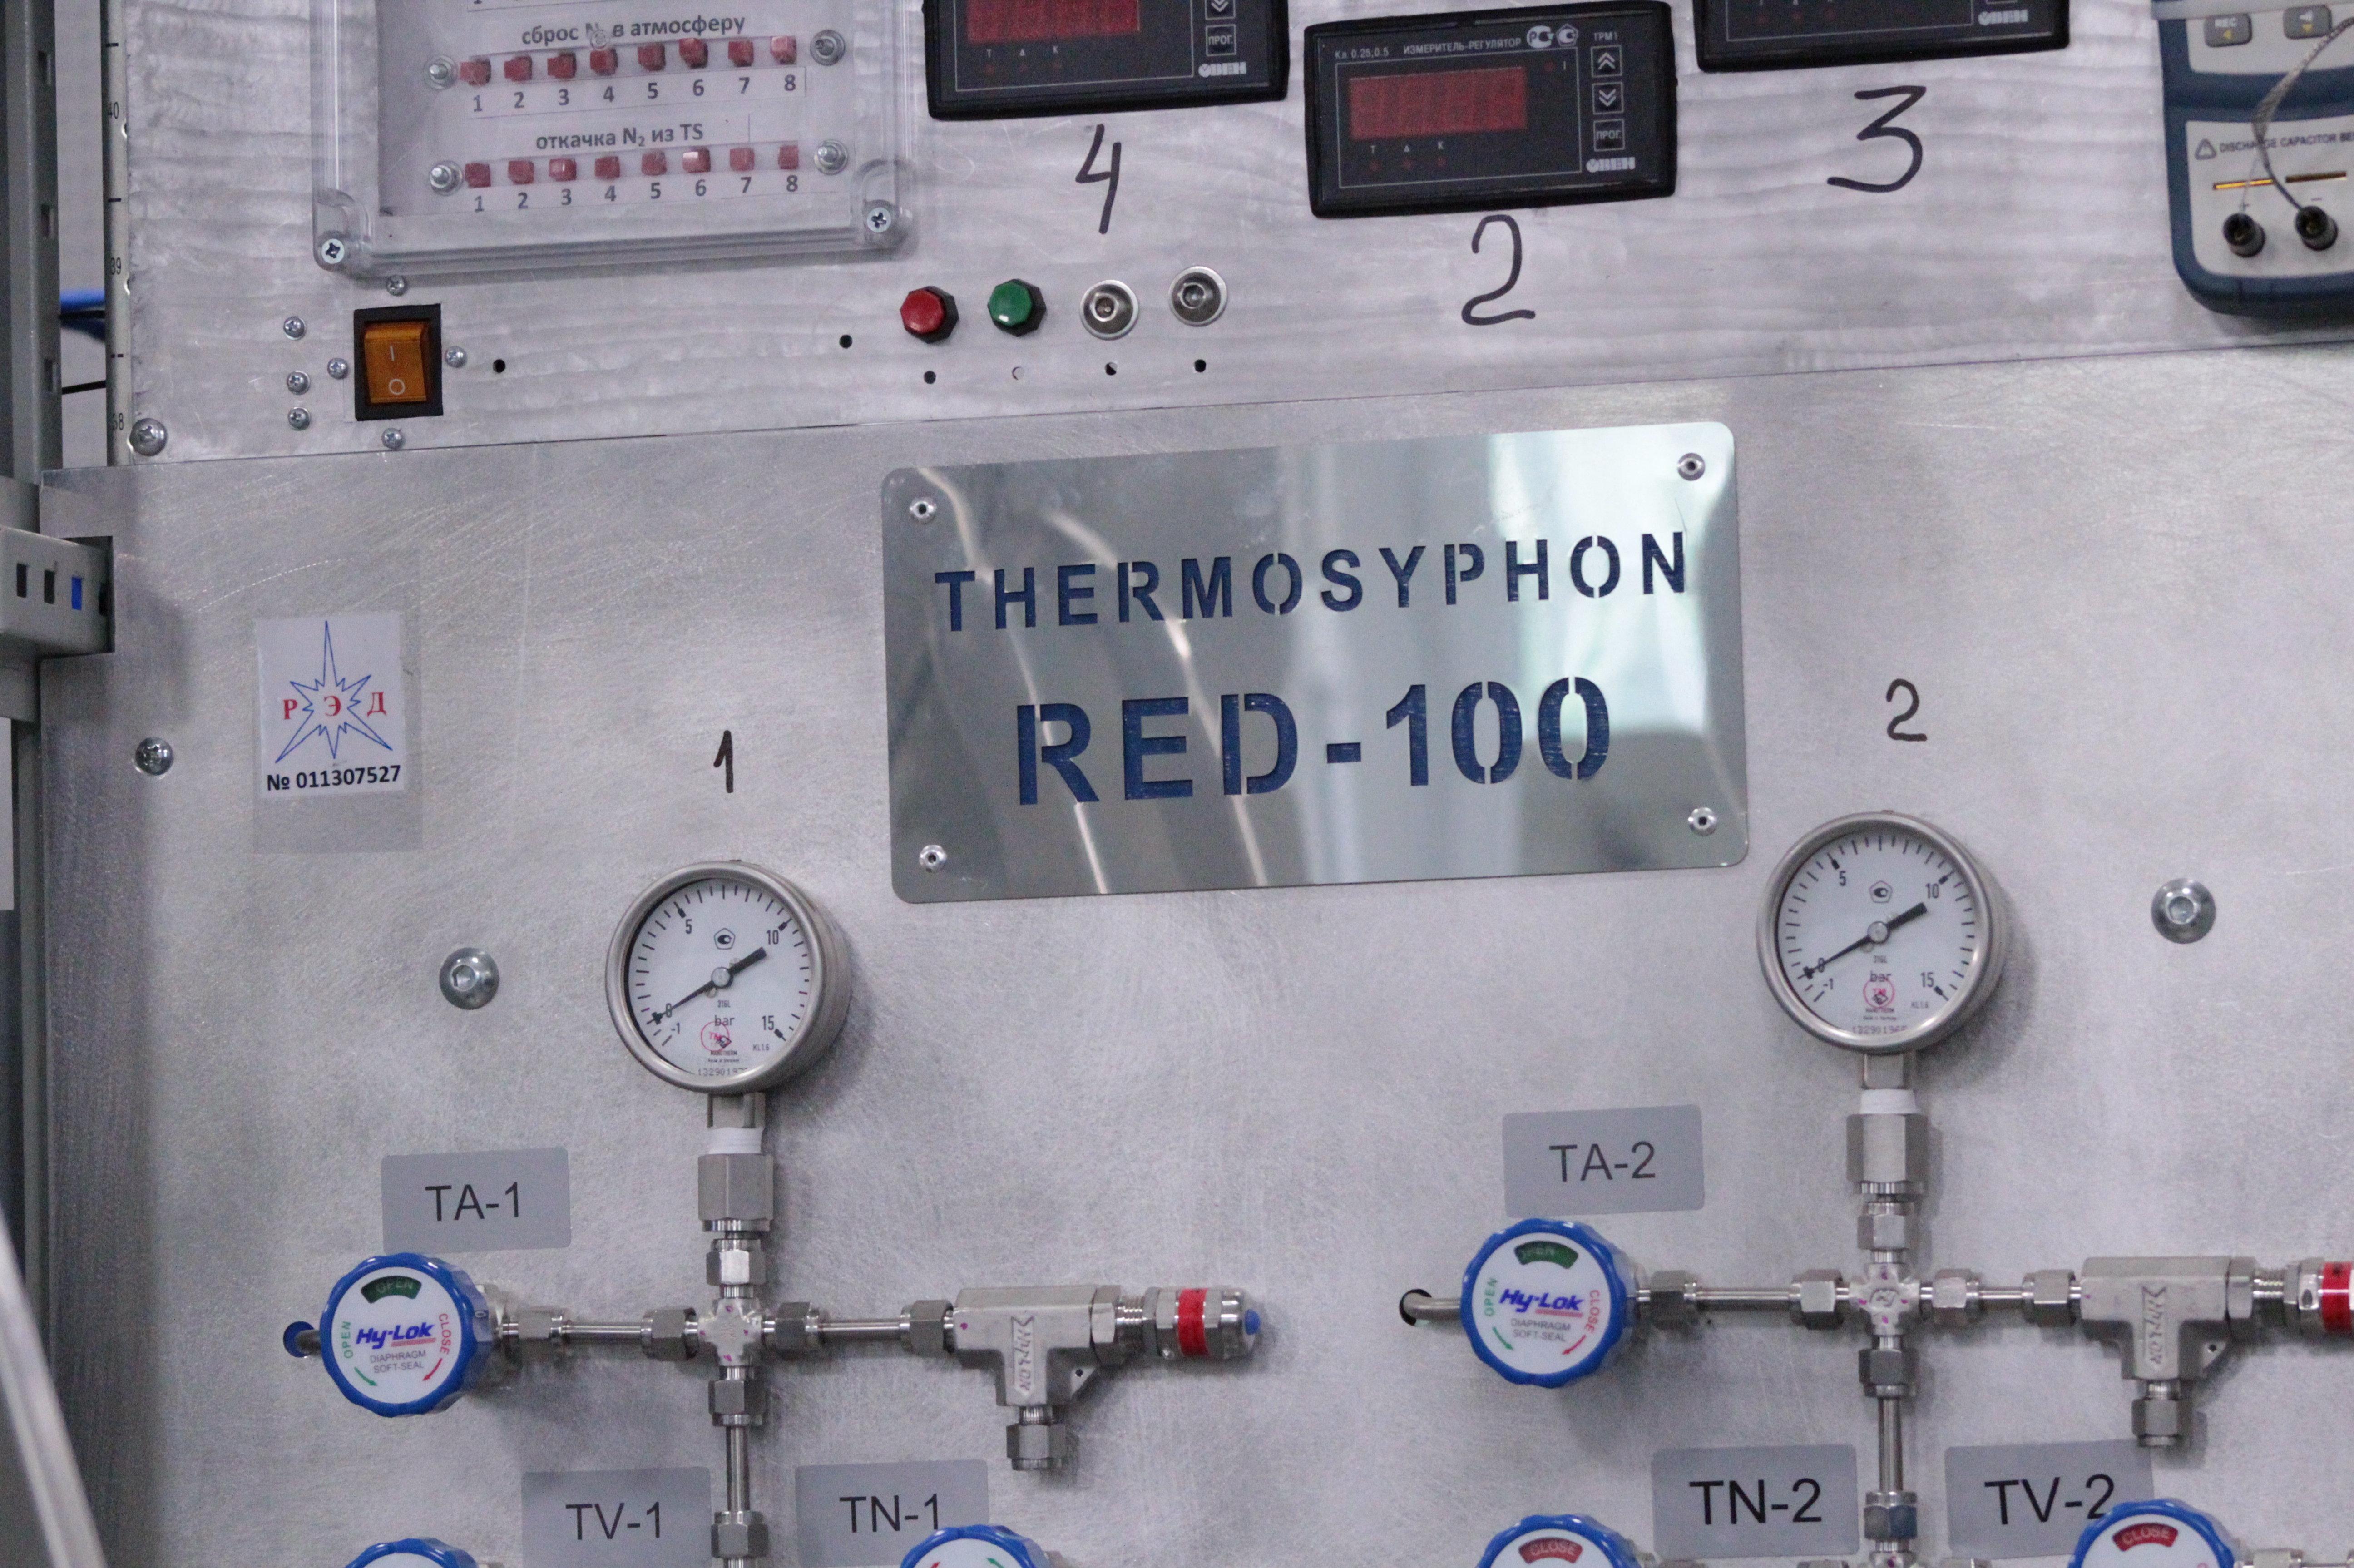 Detector de neutrinos RED-100